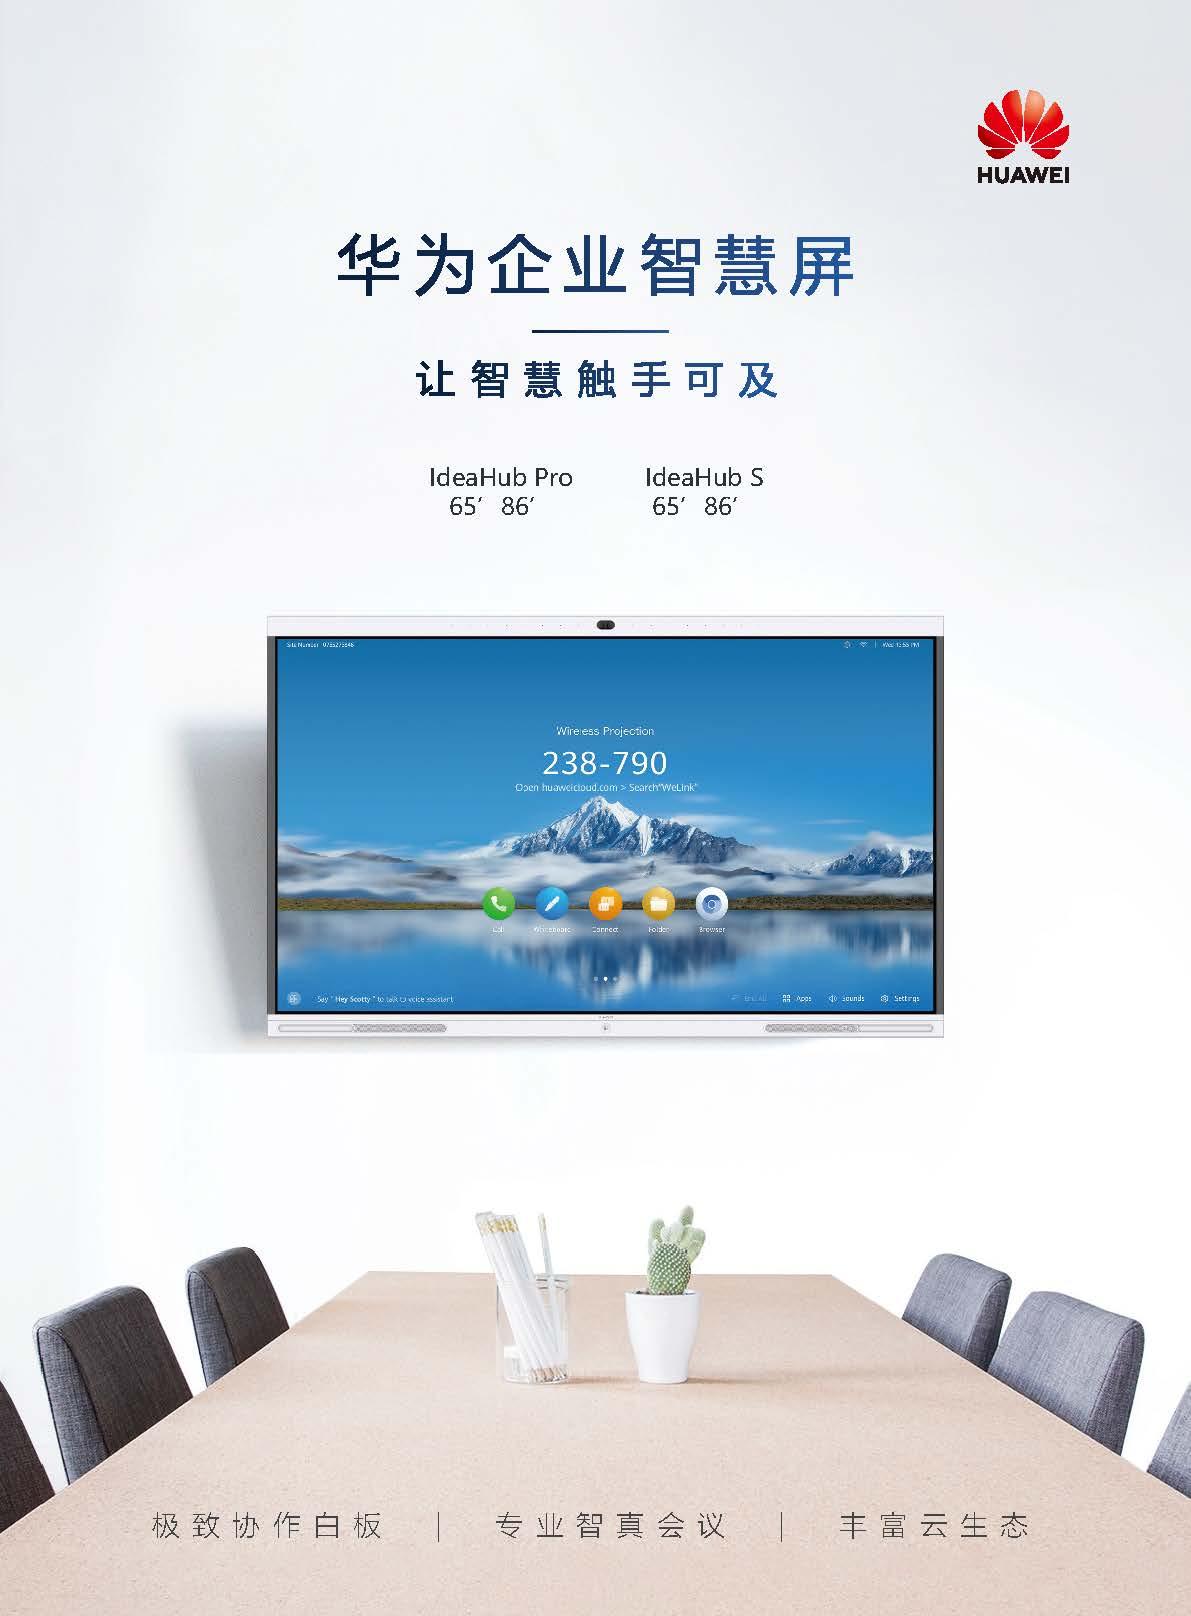 华为企业智慧屏IdeaHub彩页_页面_1.jpg